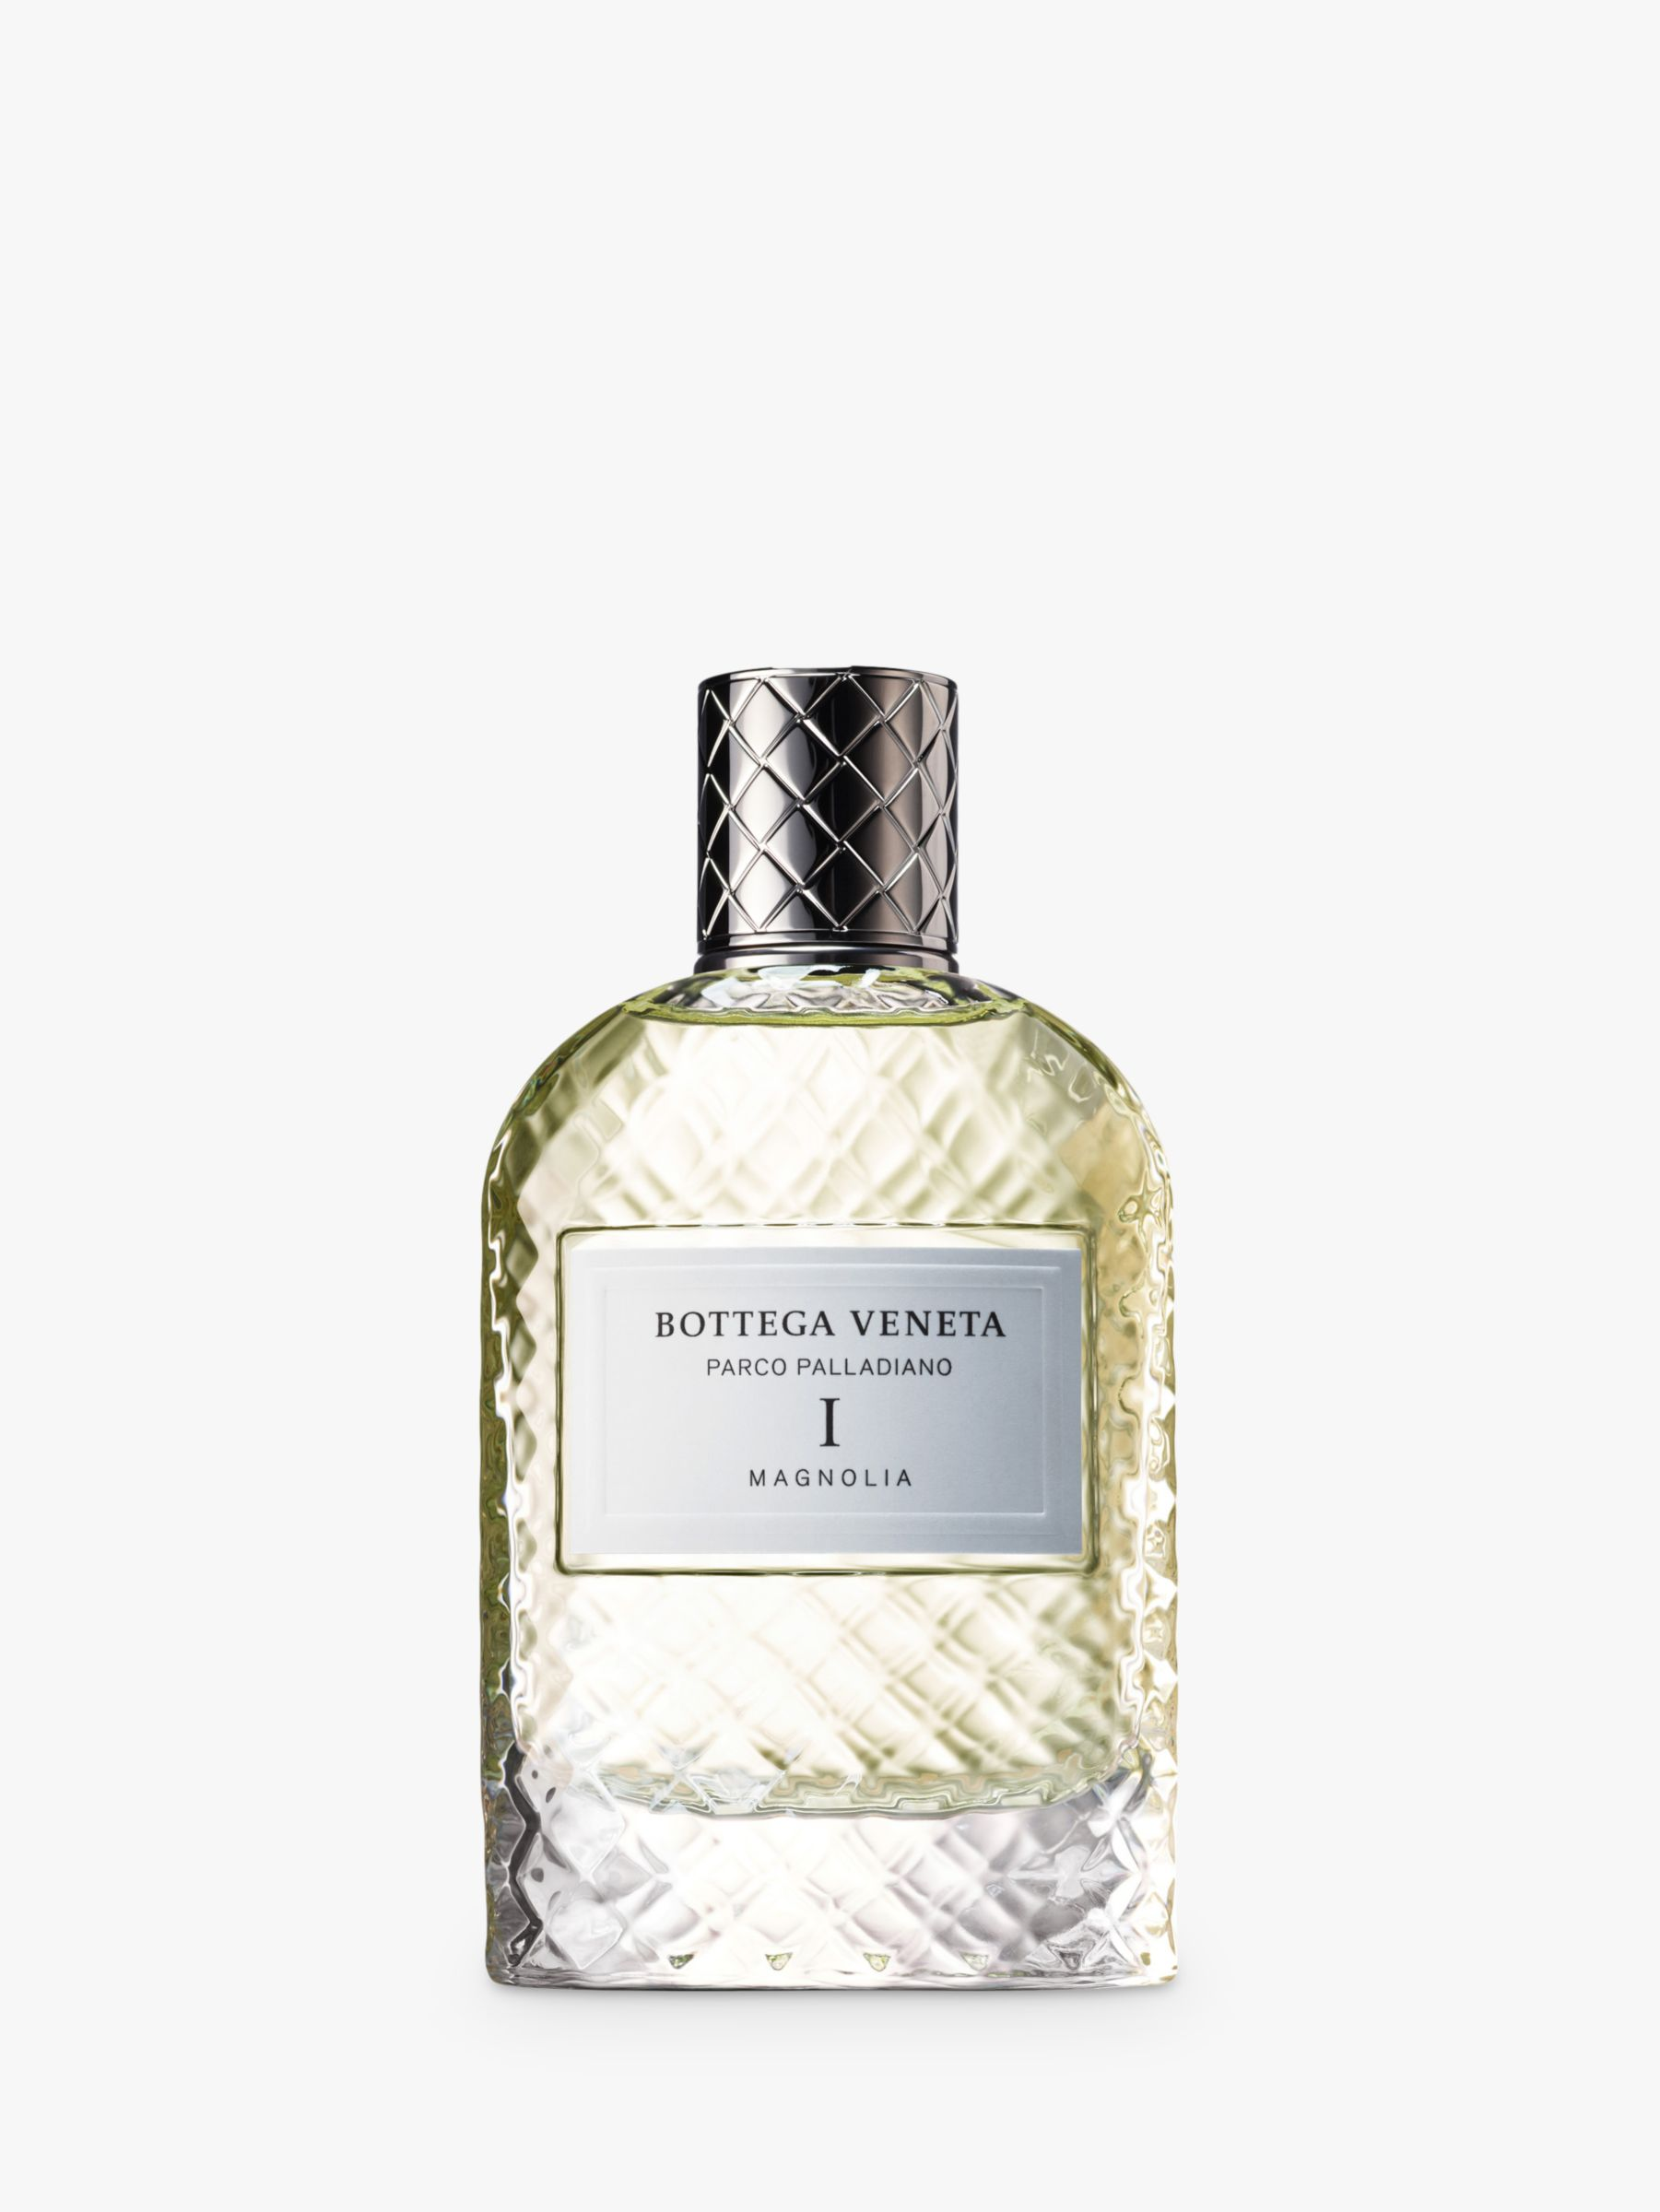 Bottega Veneta Bottega Veneta Parco Palladiano I Magnolia Eau de Parfum, 100ml